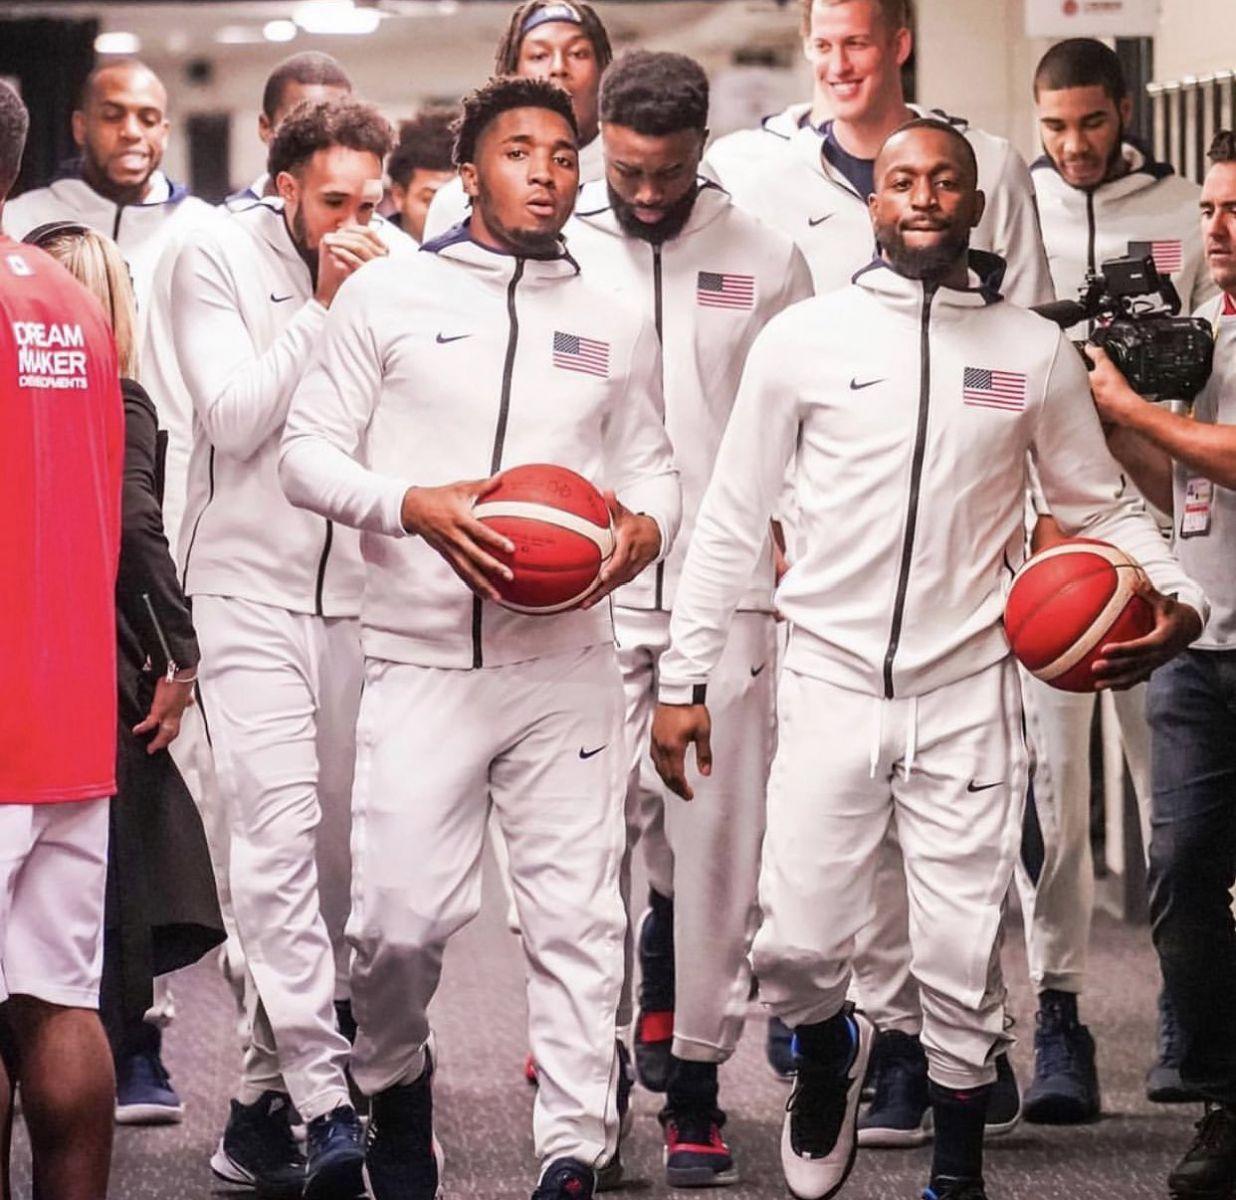 美媒晒美国男篮球员通道抓拍照:美国队的阵容